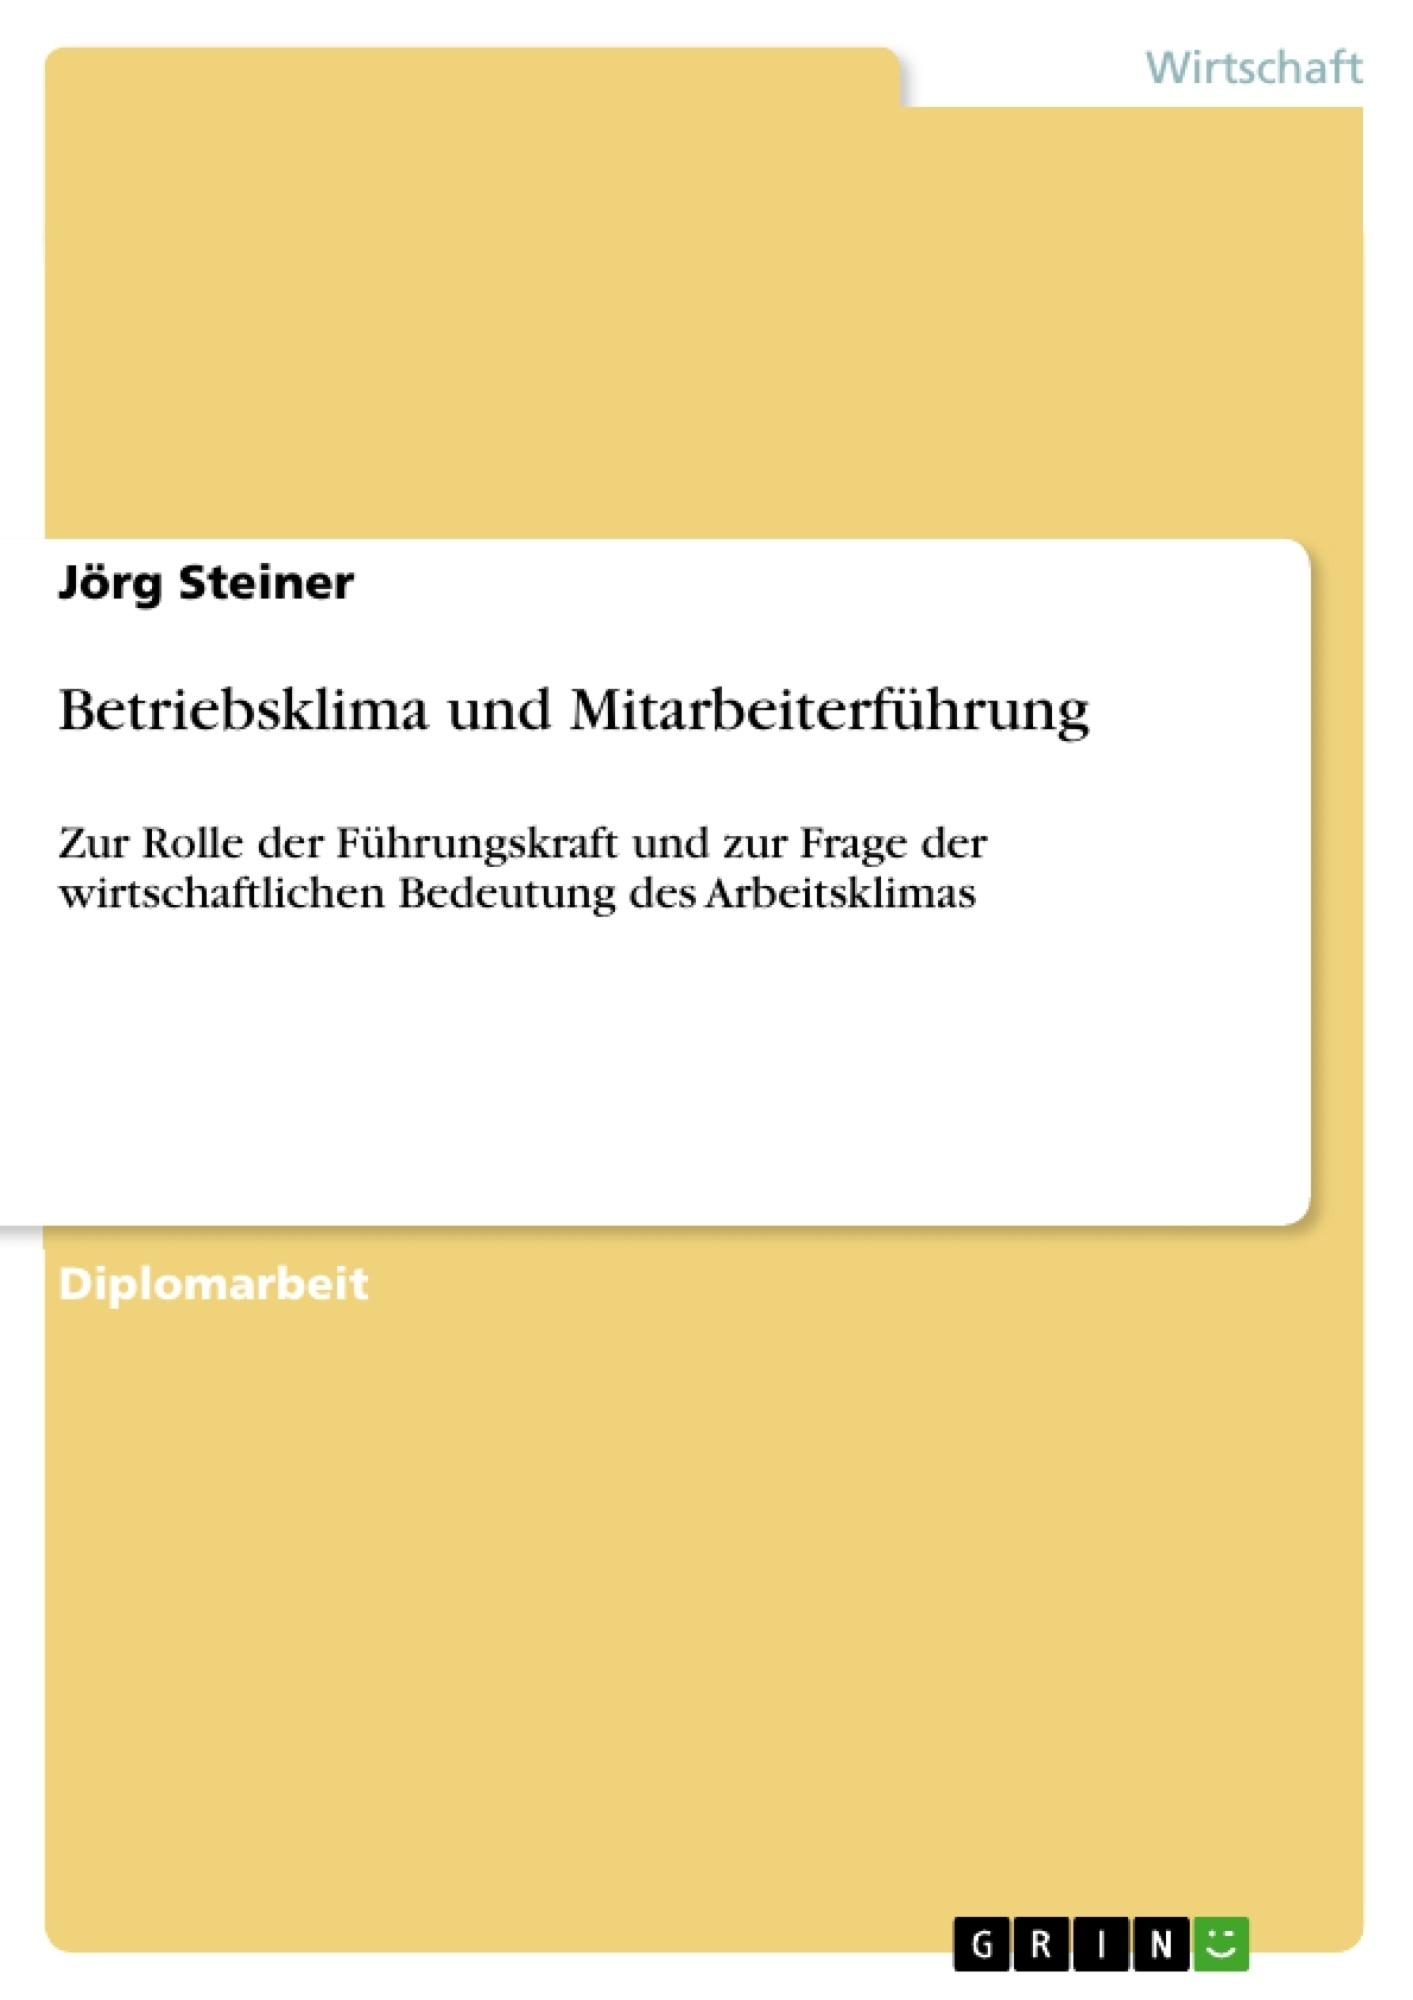 Titel: Betriebsklima und Mitarbeiterführung